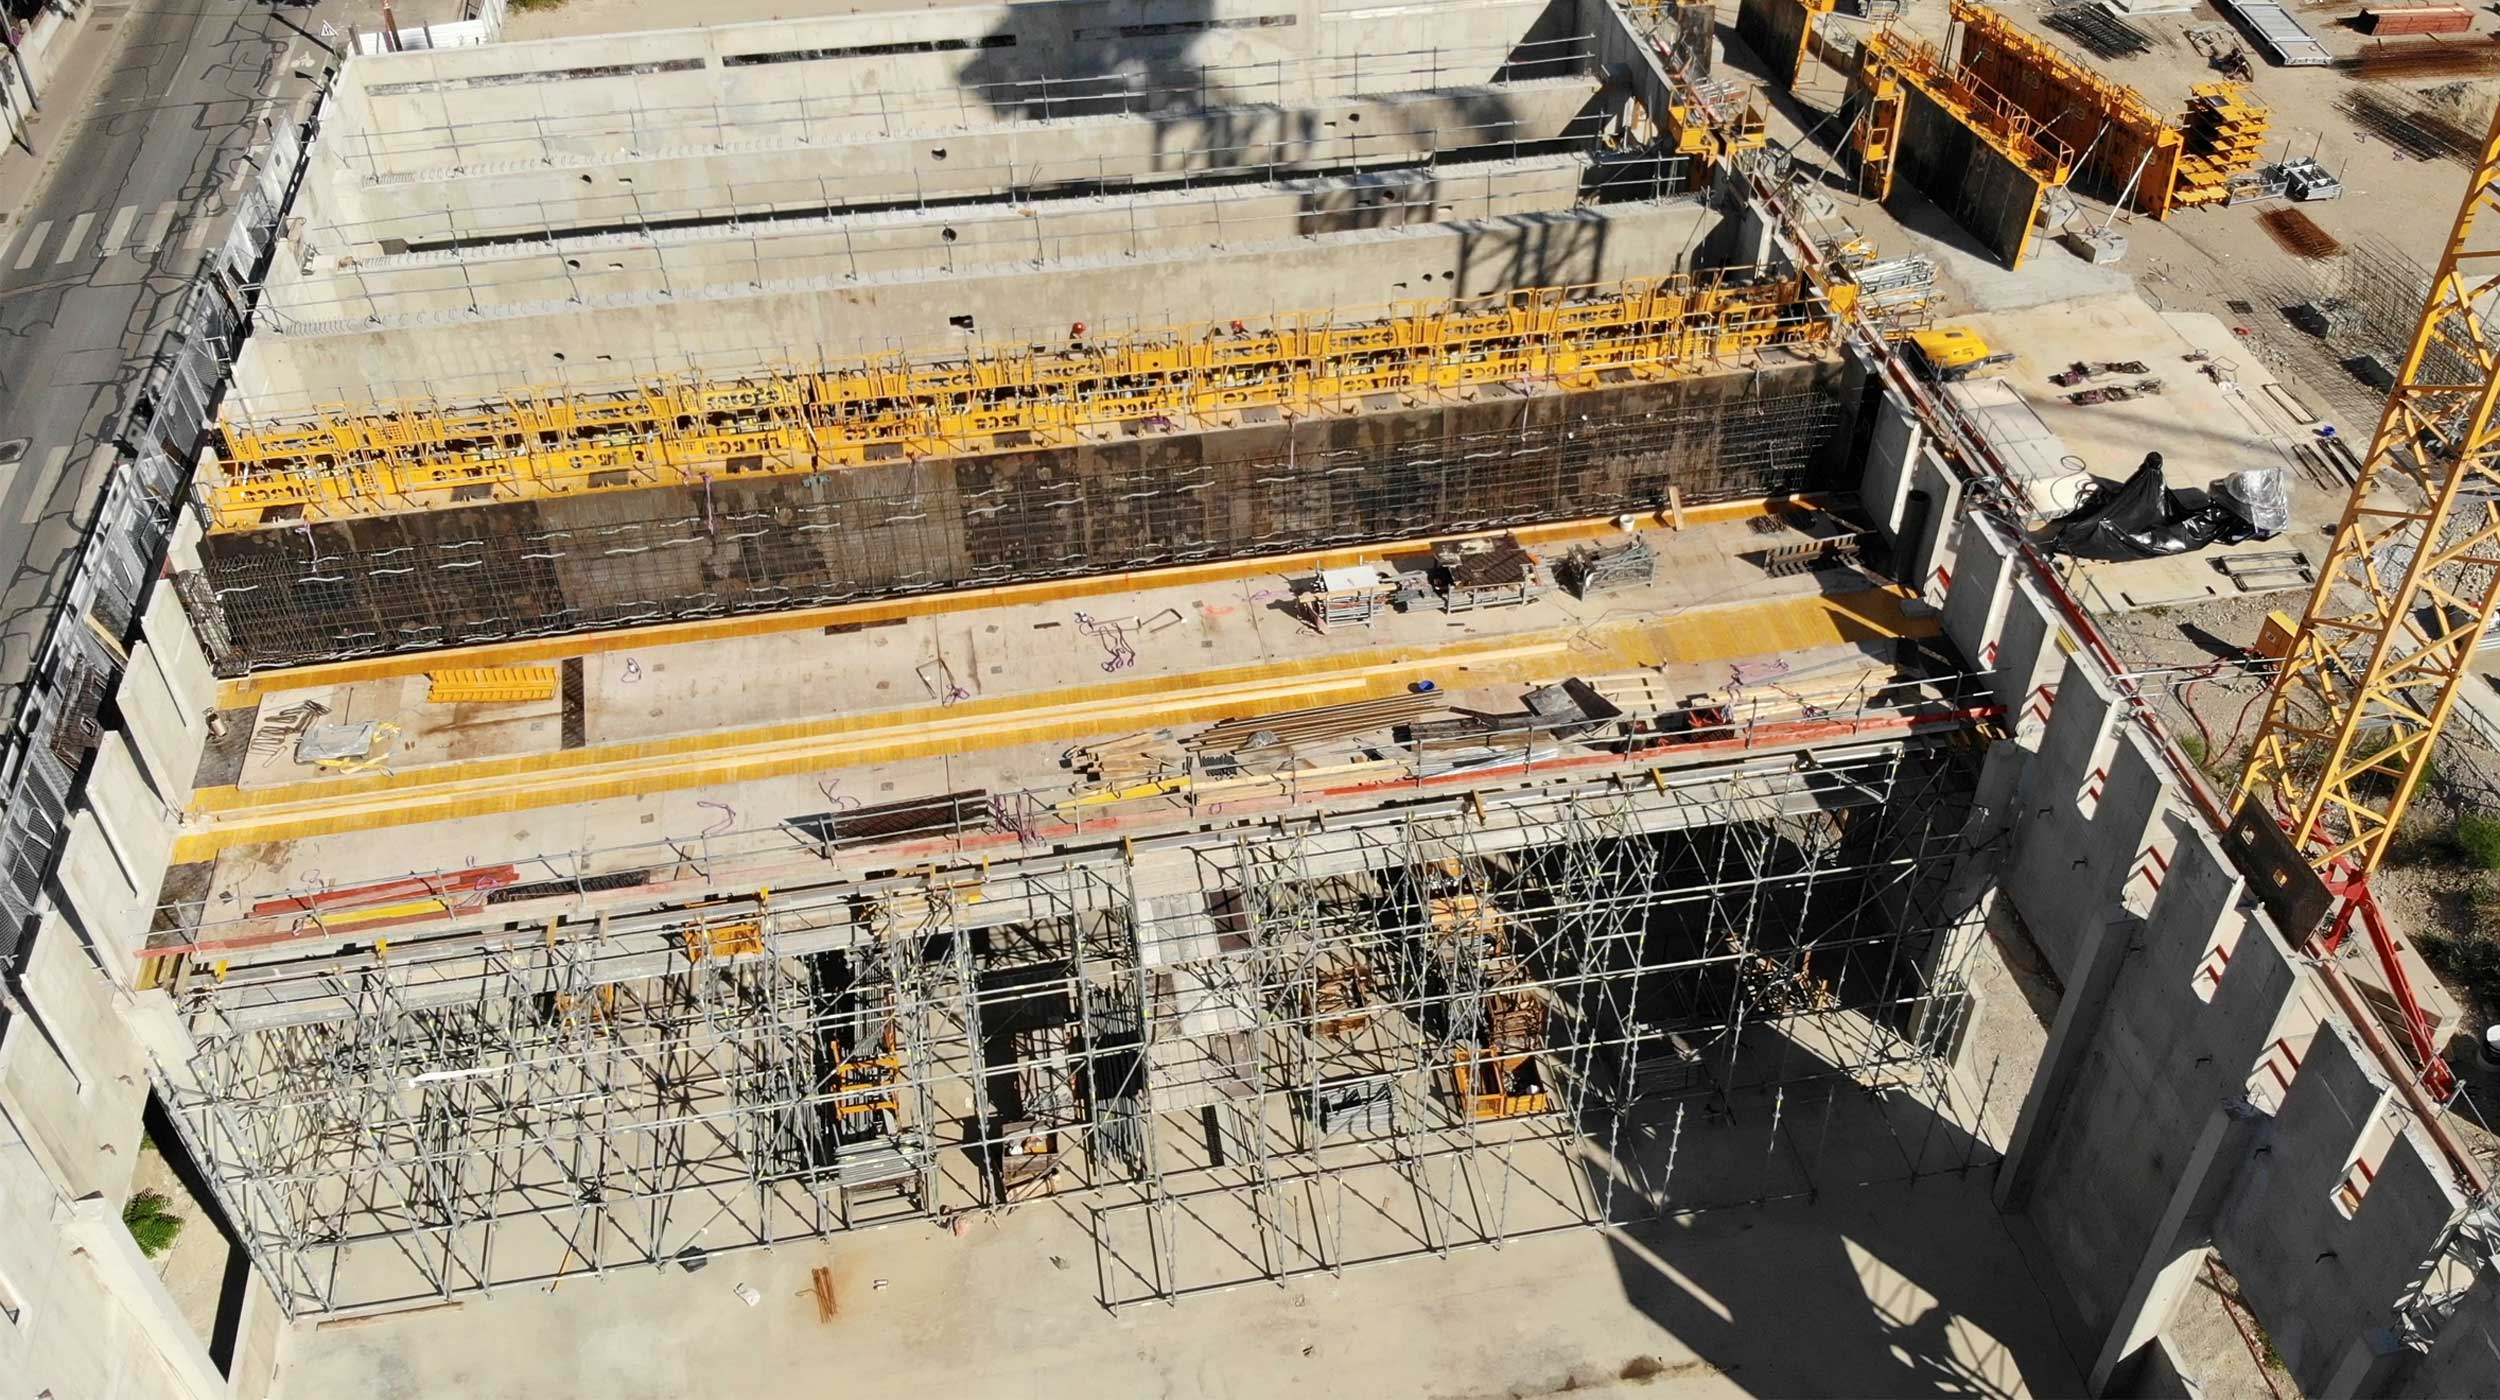 Pour la construction d'un gymnase, ULMA Construction a répondu présent pour la fourniture d'une solution adaptée pour le coulage de voiles grandes hauteur ainsi que l'étaiement et le platelage.